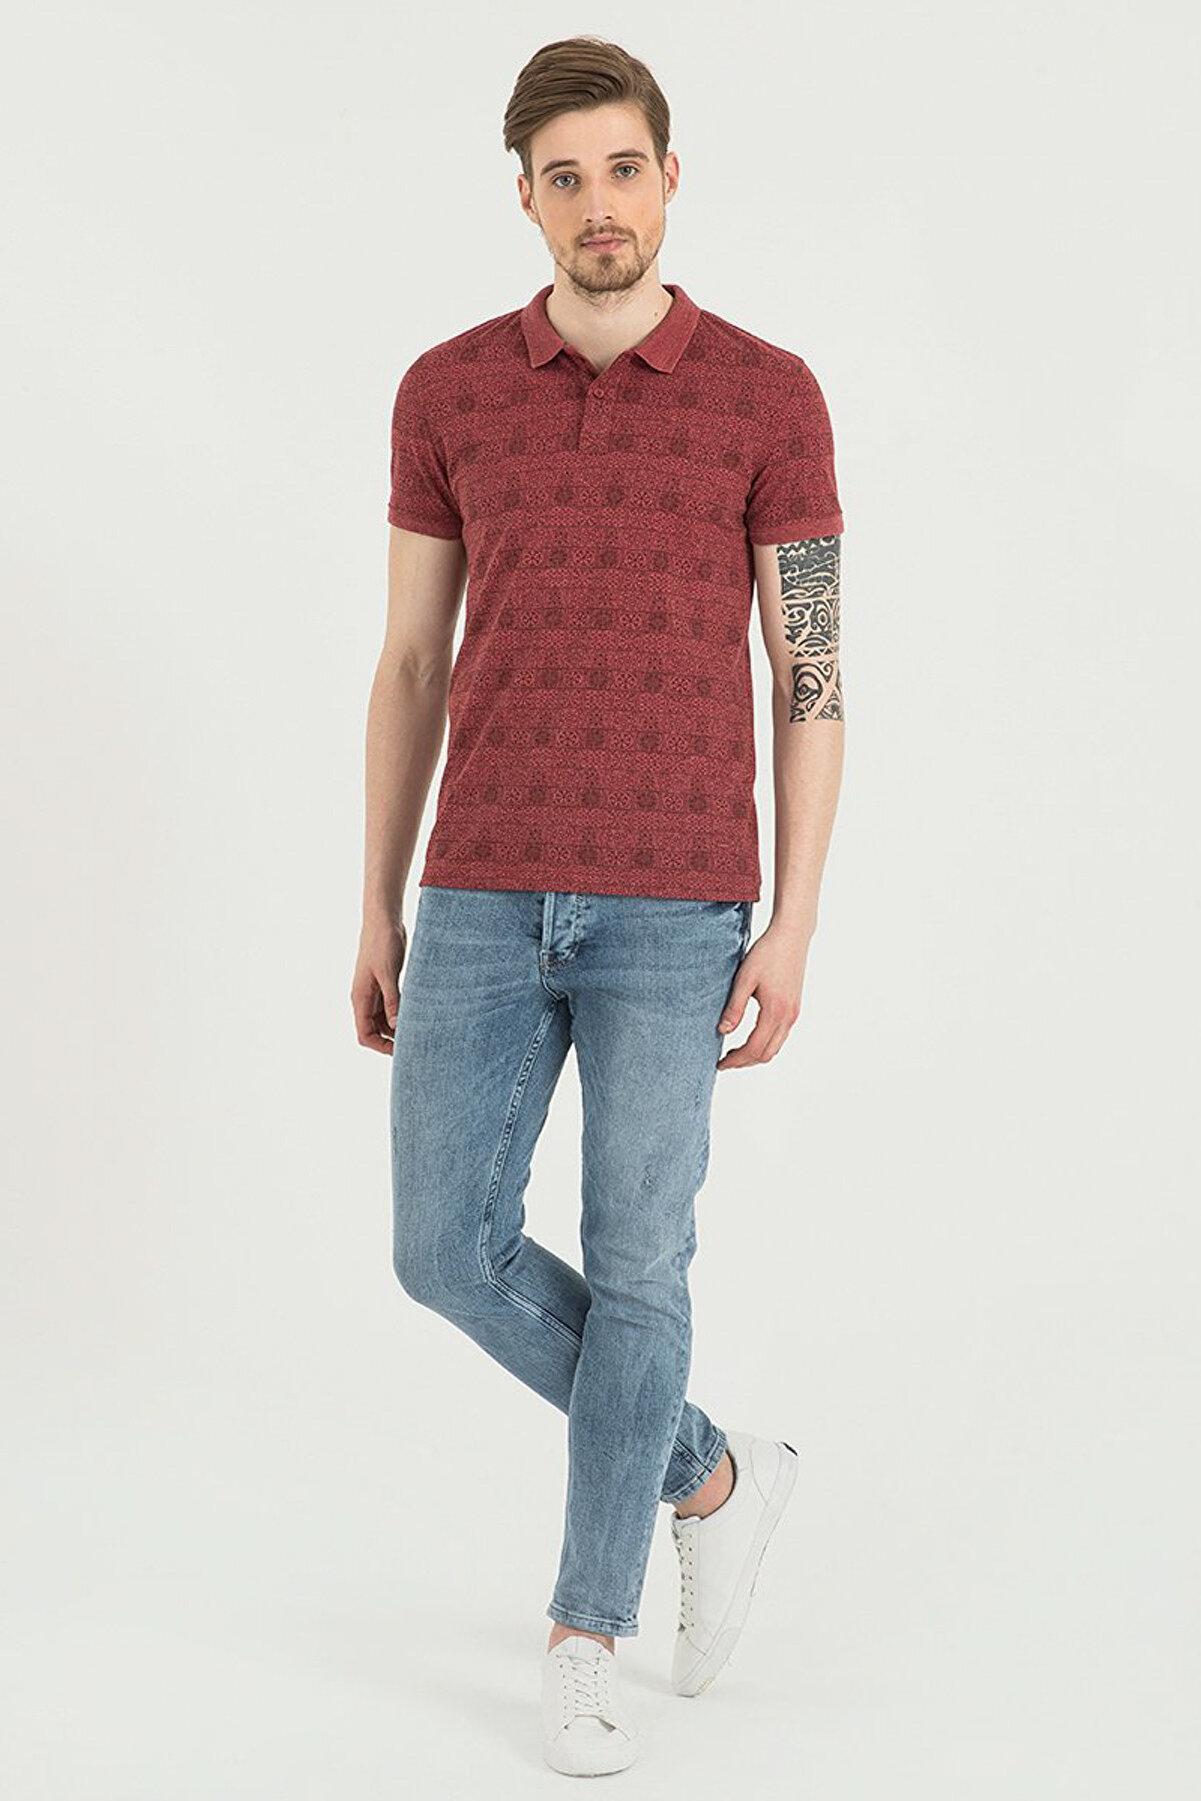 Loft Erkek Polo Yaka T-Shirt LF2016967